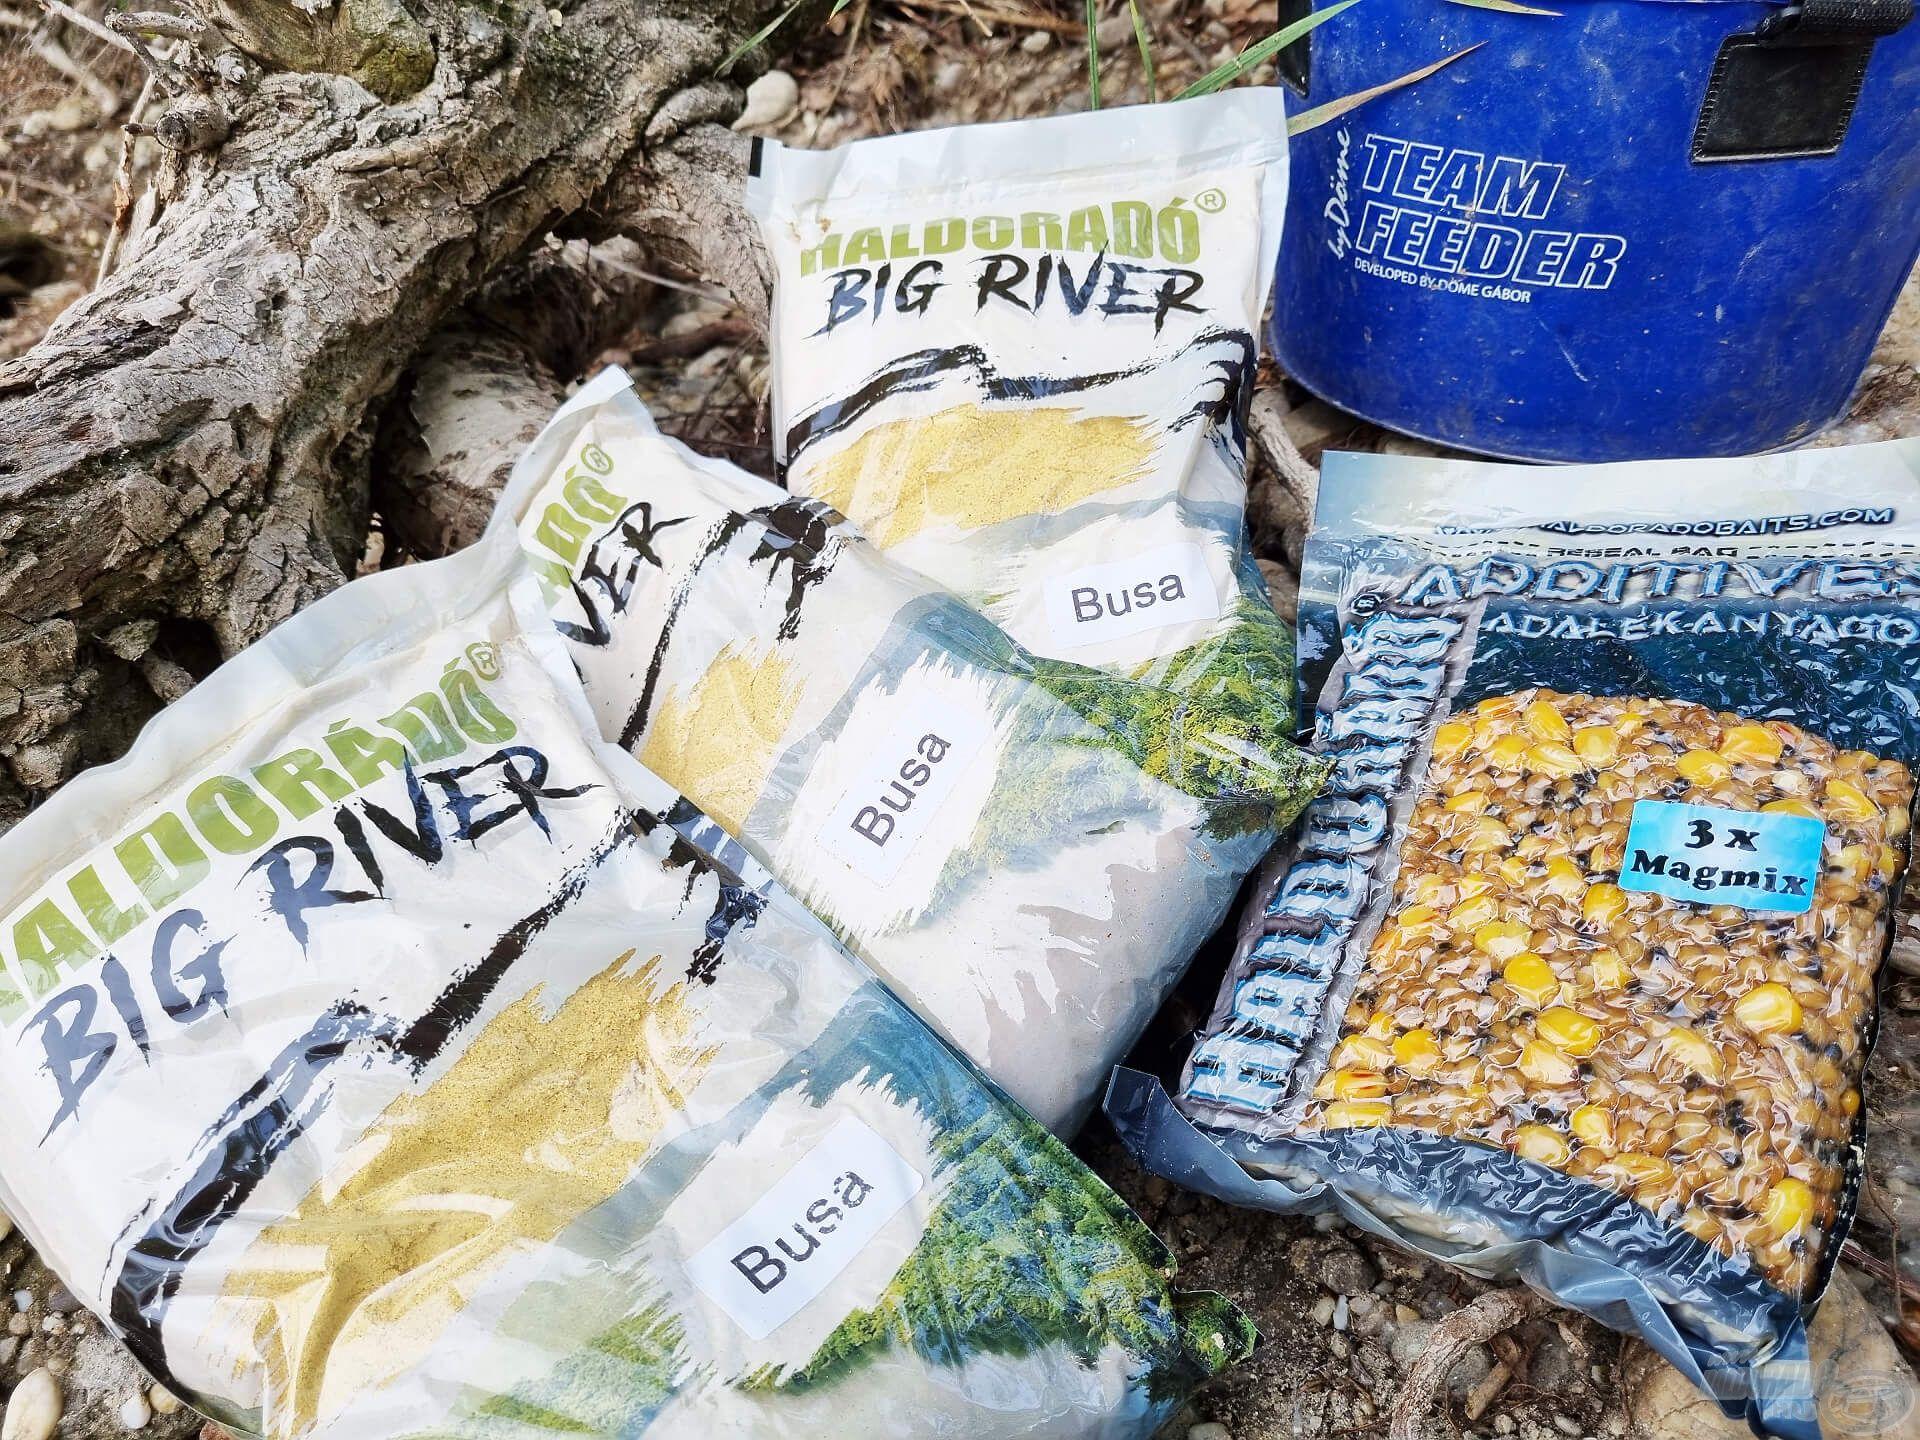 3-4 csomag Big River Busa etetőanyag sok szép élményhez segíthet hozzá minket. A vegyes magmixet az olykor etetésre tévedő amuroknak szánom